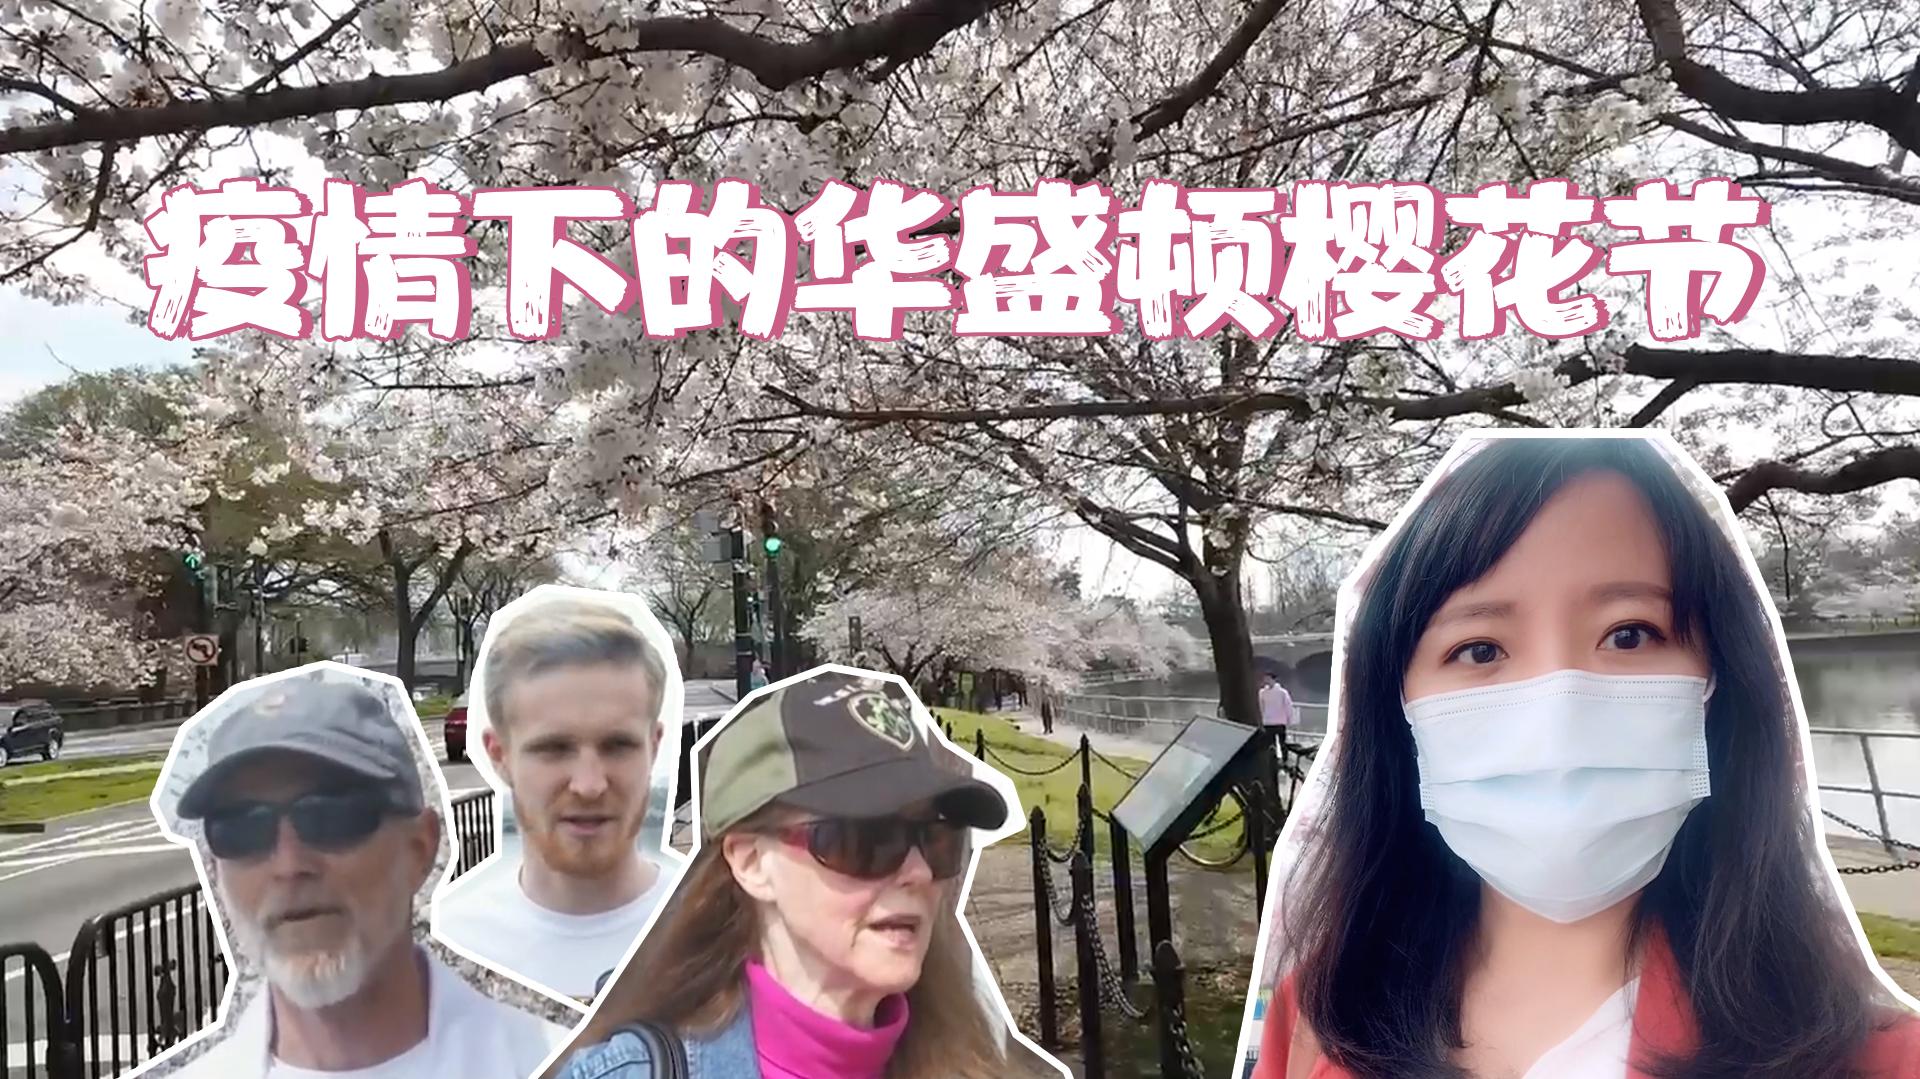 直击疫情爆发下的美国樱花节 戴口罩?不存在的!